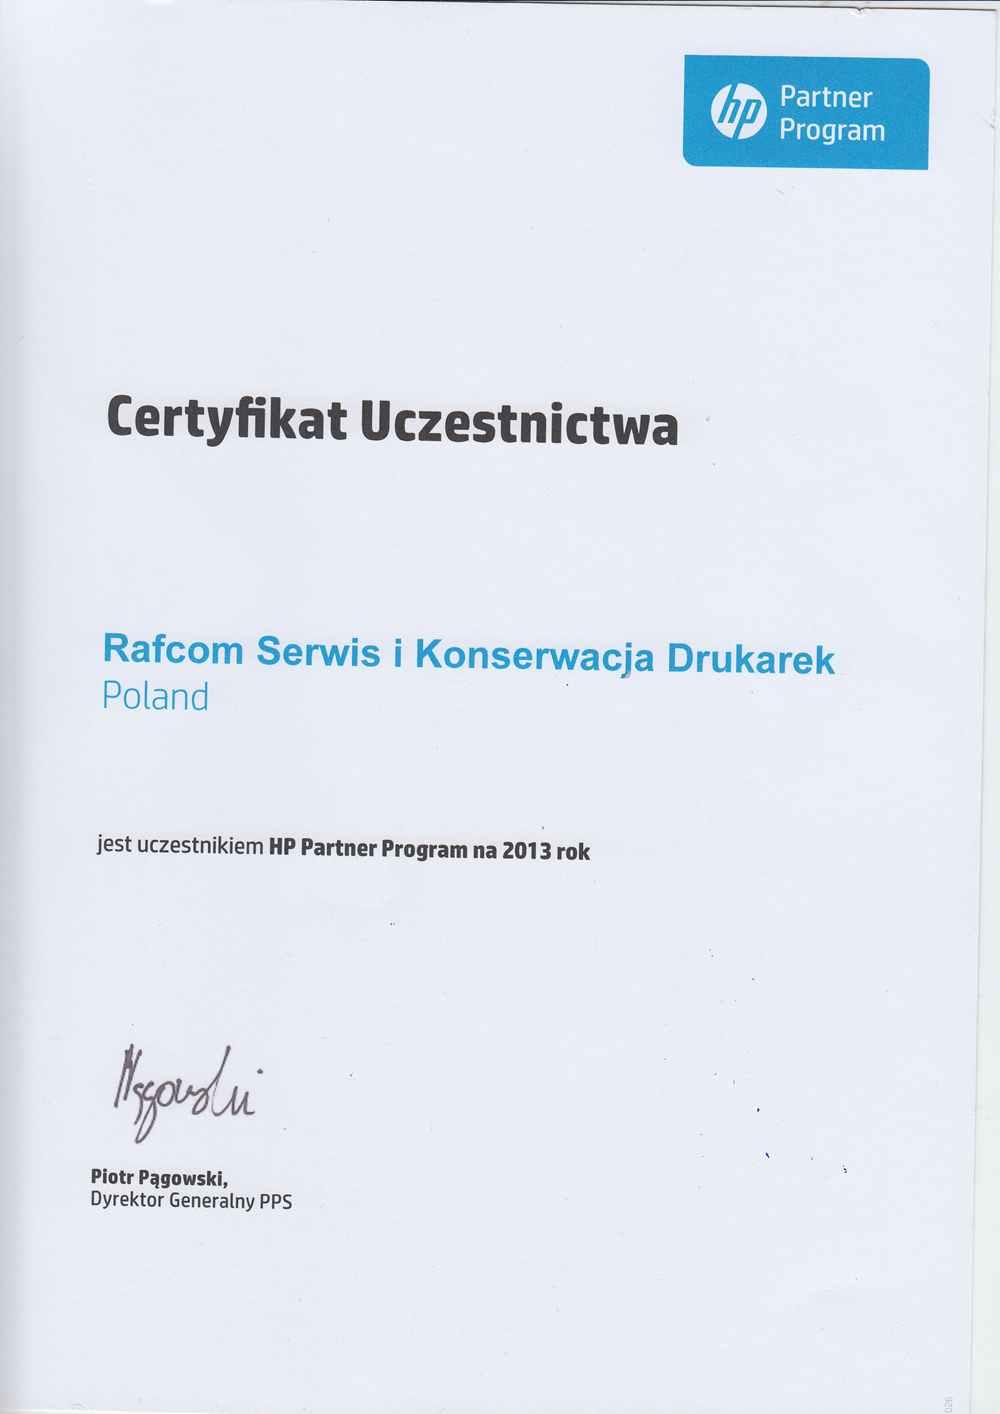 Hp Partner Program dla Rafcom Serwis Drukarek Katowice Wojwódzka 31